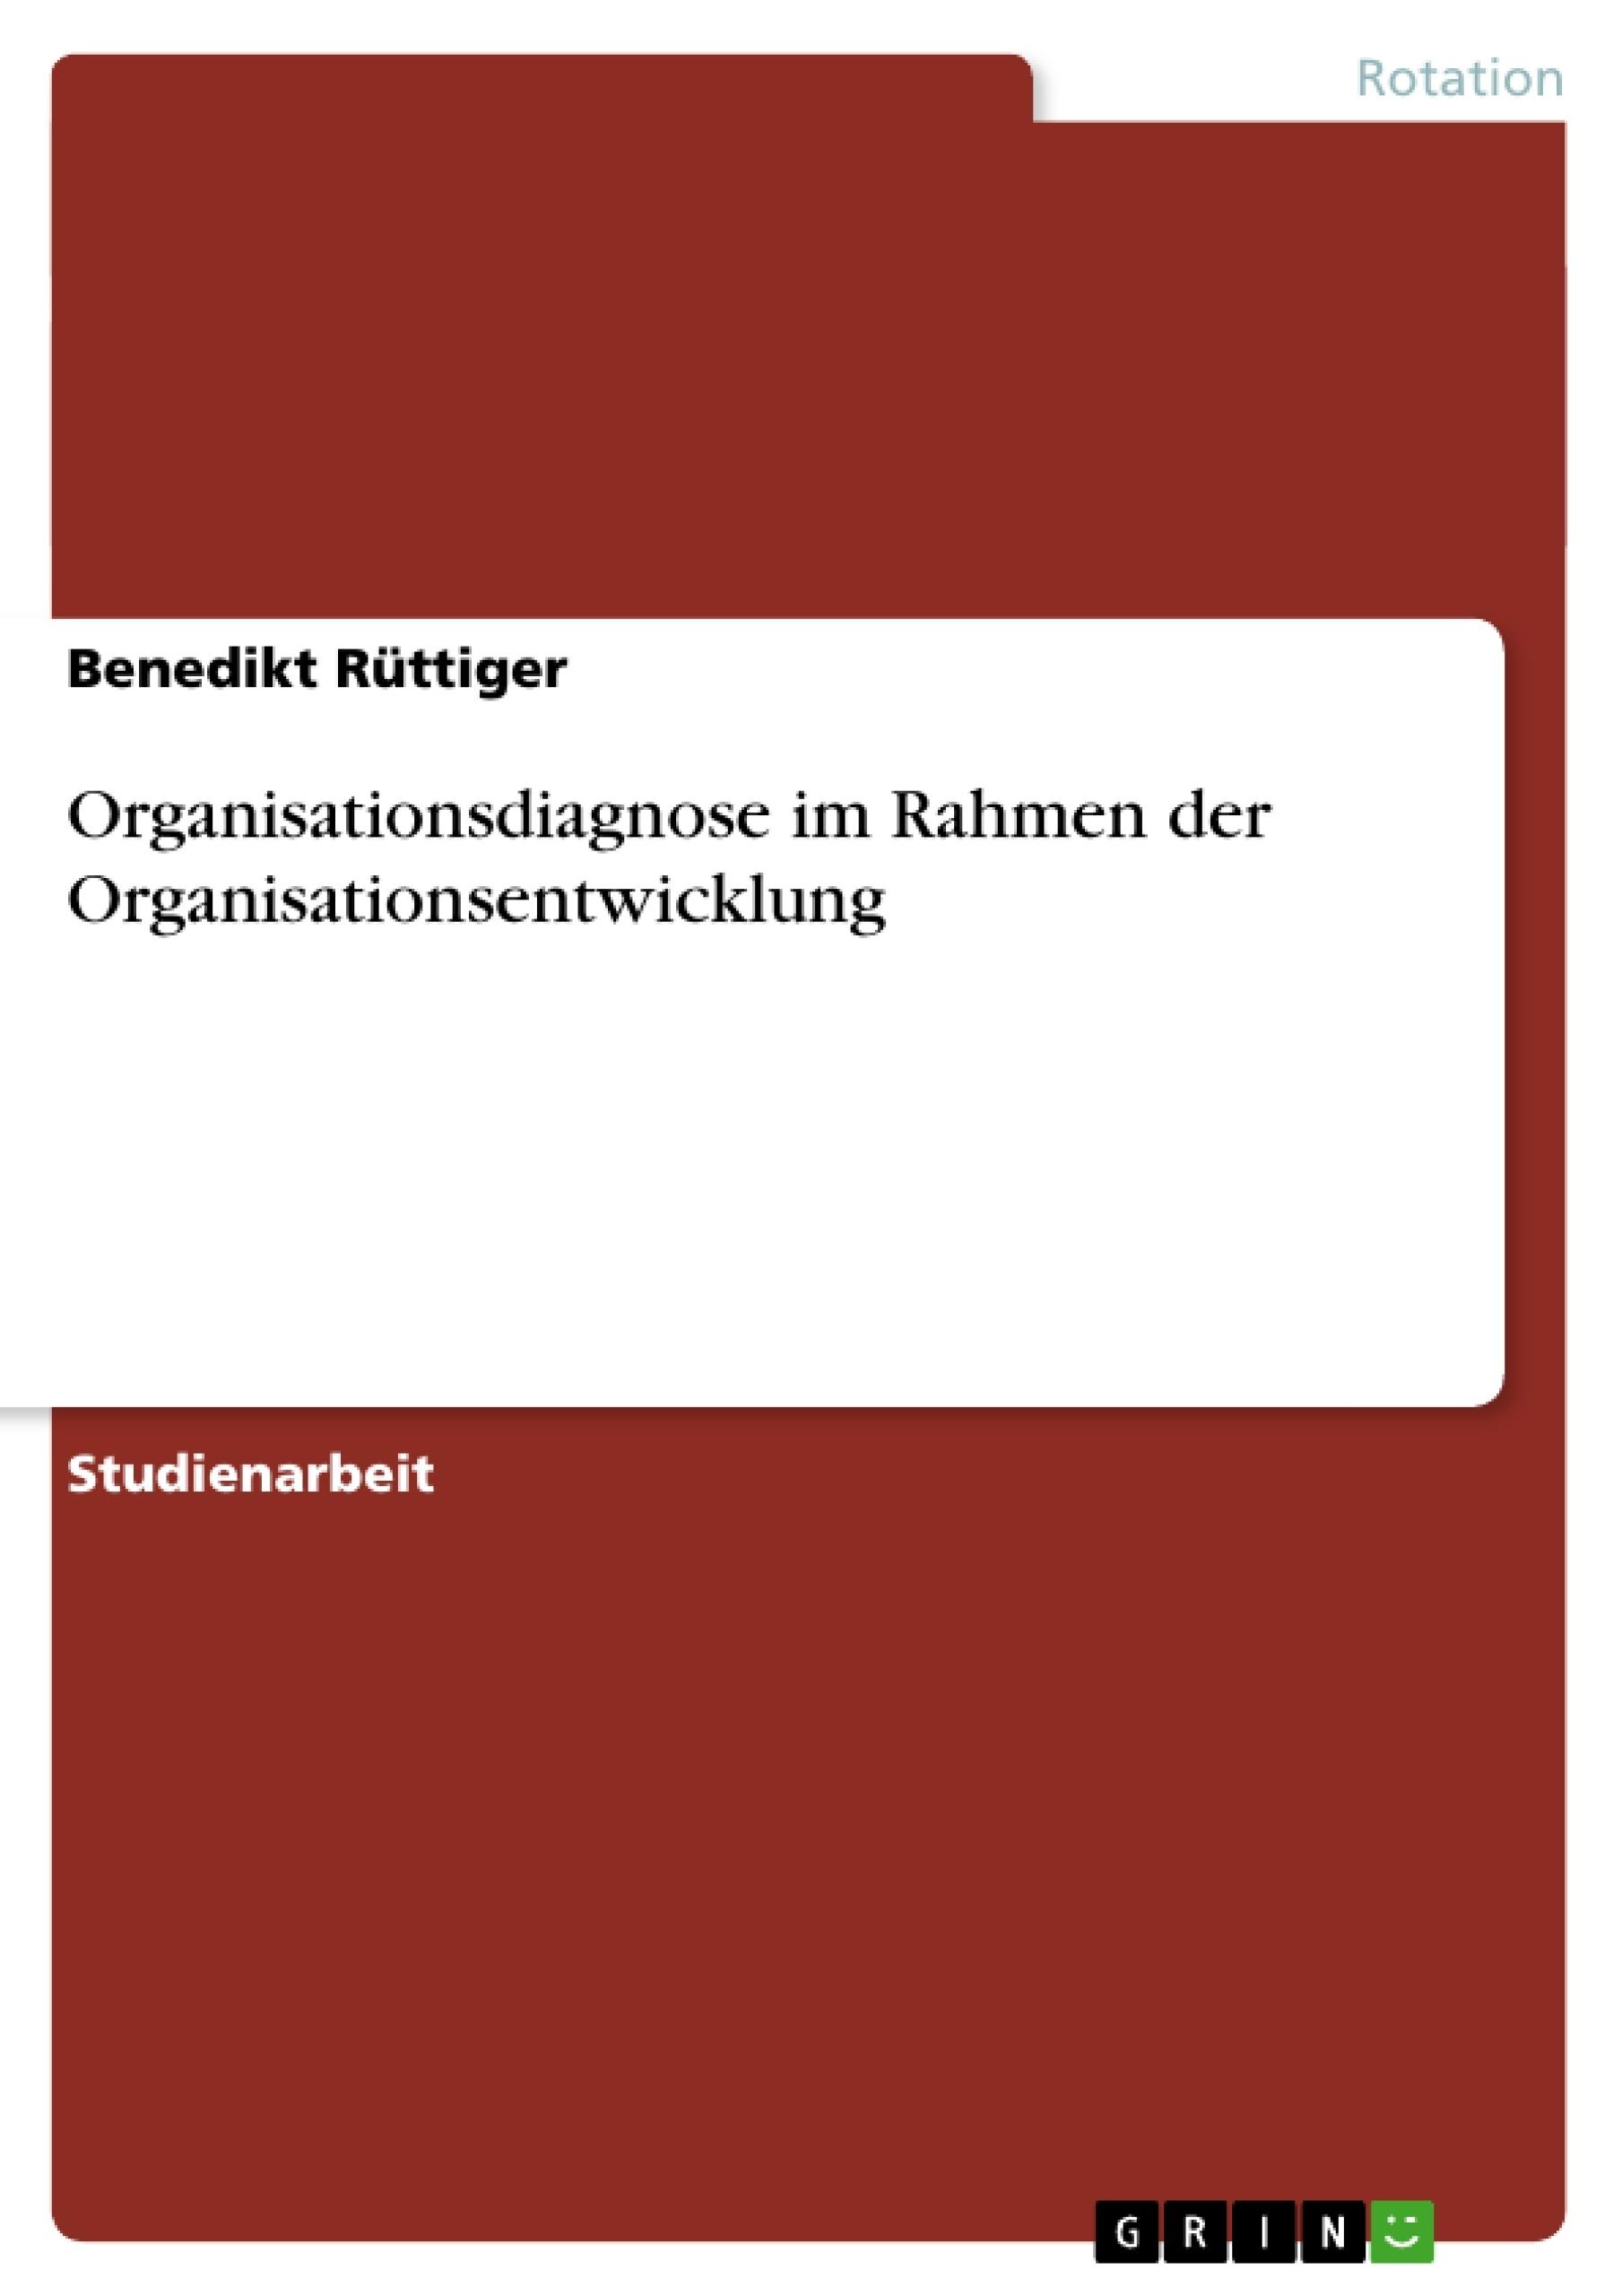 Titel: Organisationsdiagnose im Rahmen der Organisationsentwicklung